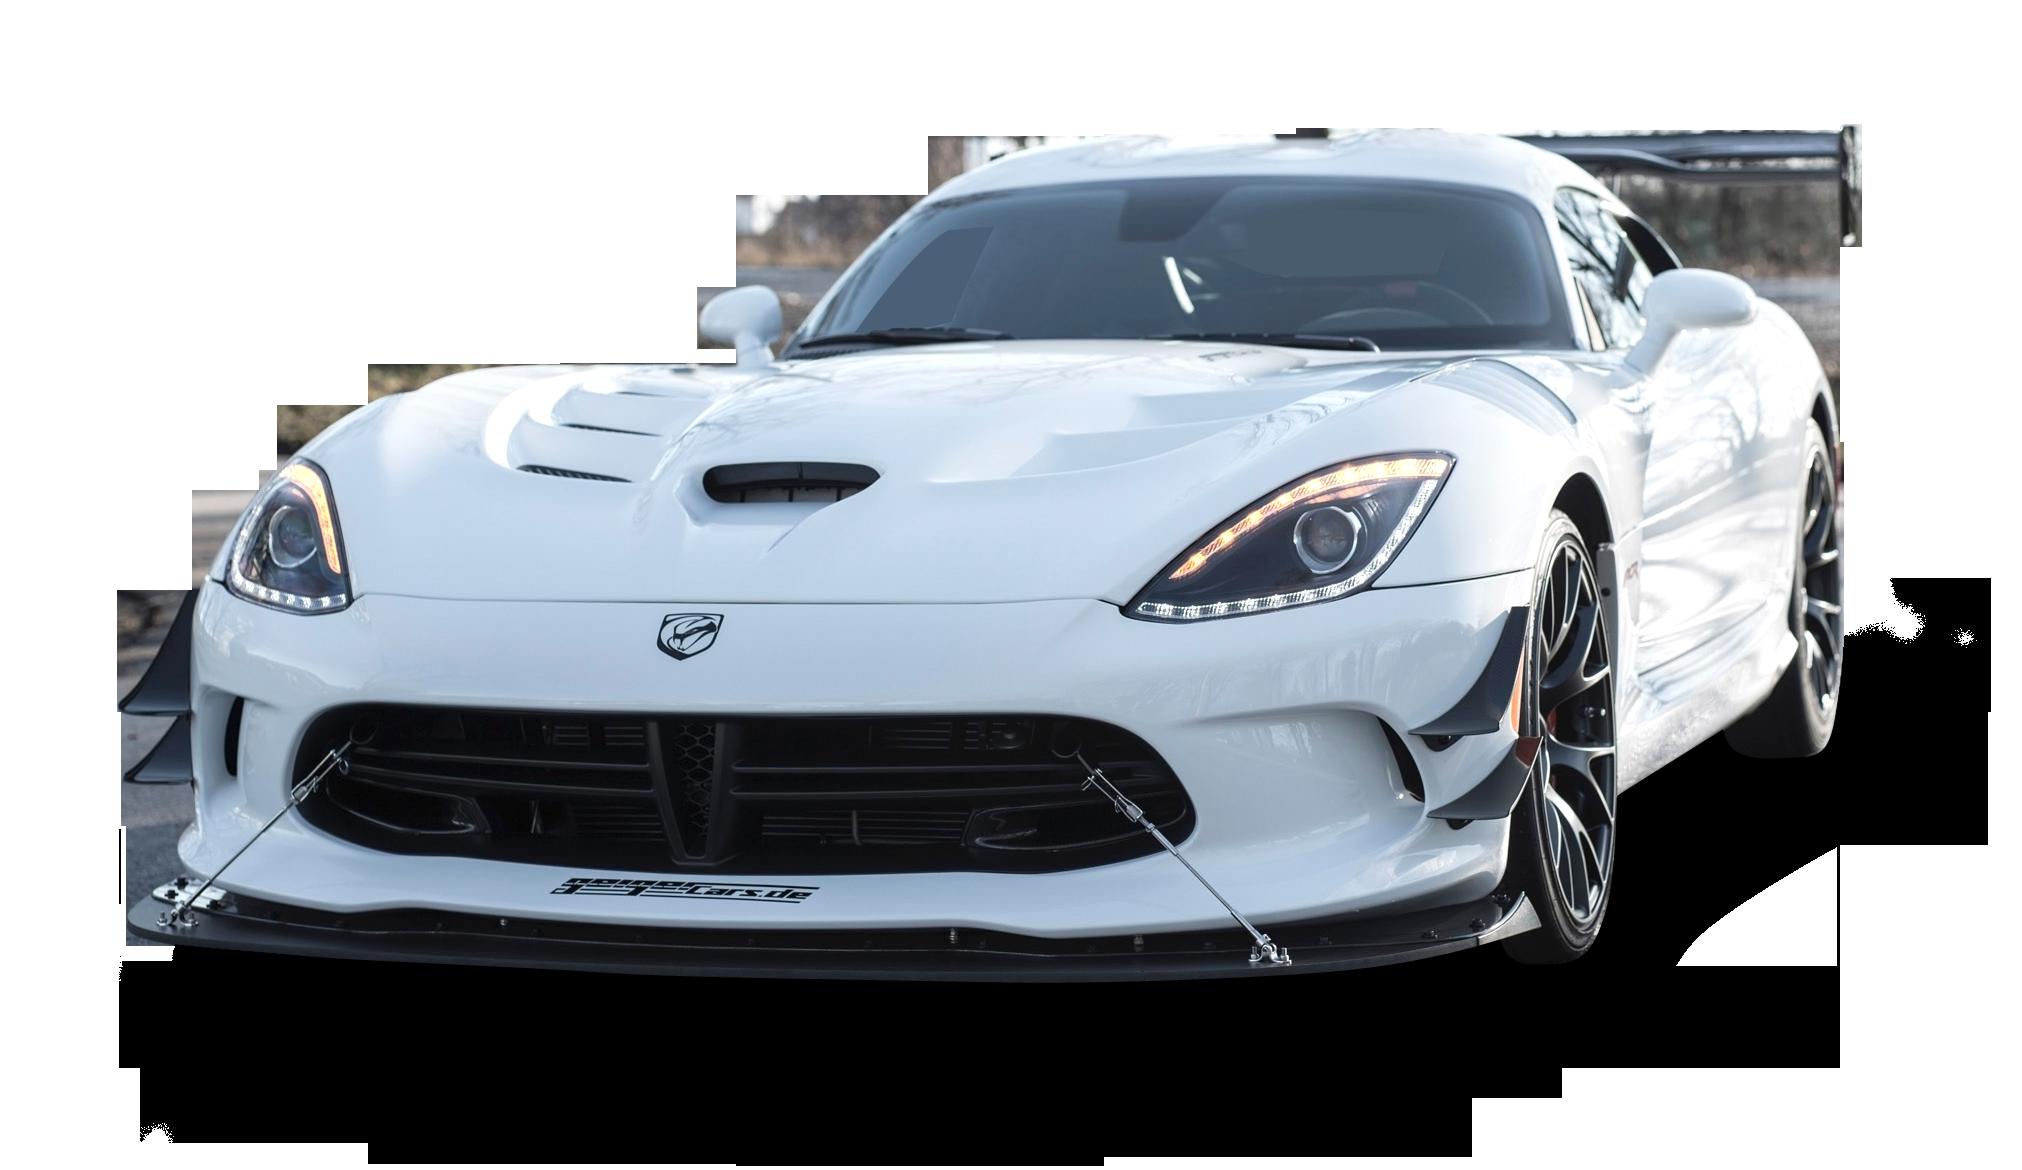 White Dodge Viper ACR Car.